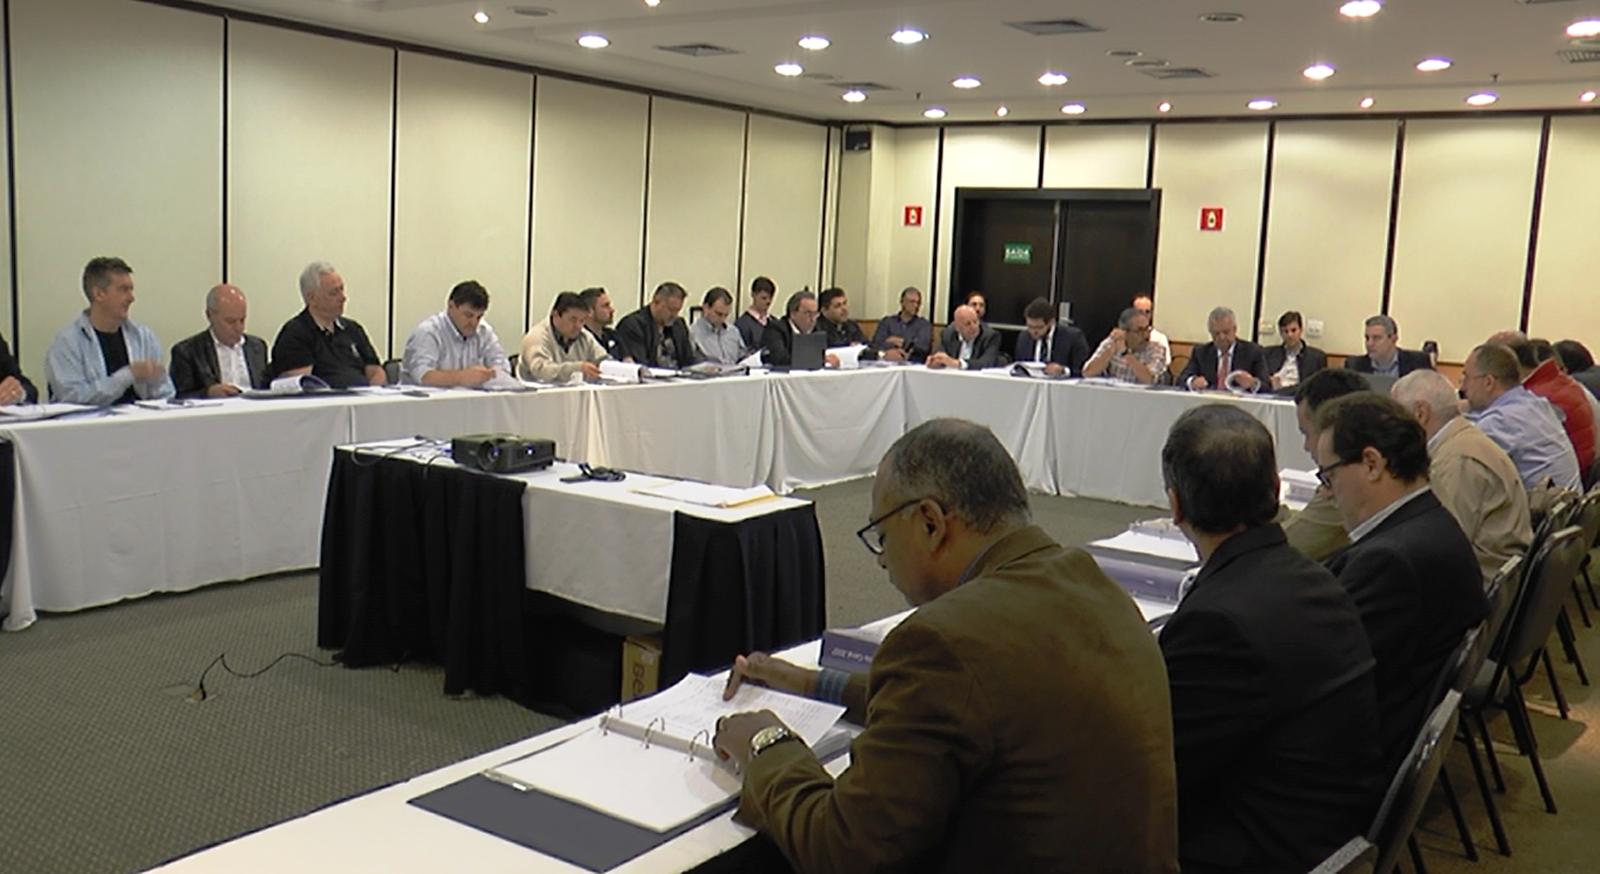 Assembleia aconteceu em São Paulo e equipe candanga registrou pré-inscrição. Confirmação deve sair até o dia 21 de julho